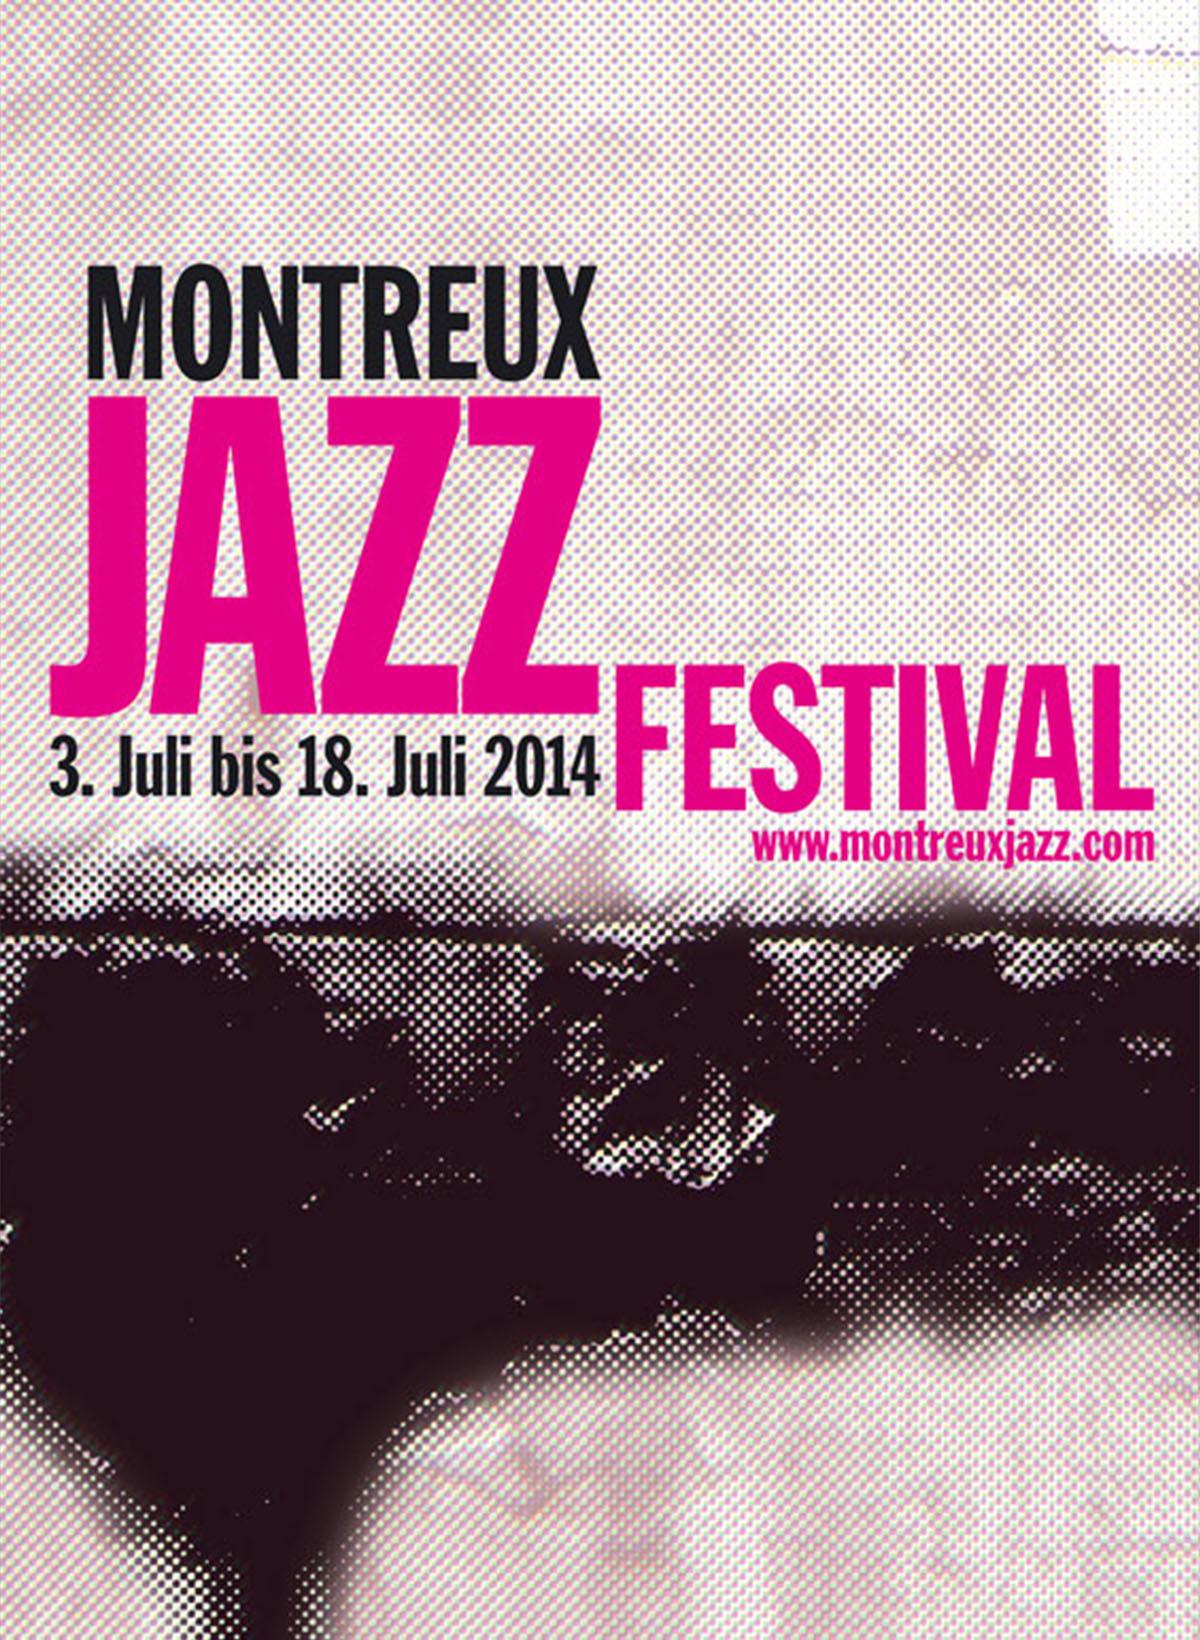 Alsterdamm_Plakat_Montreux-Jazz-Festival_00